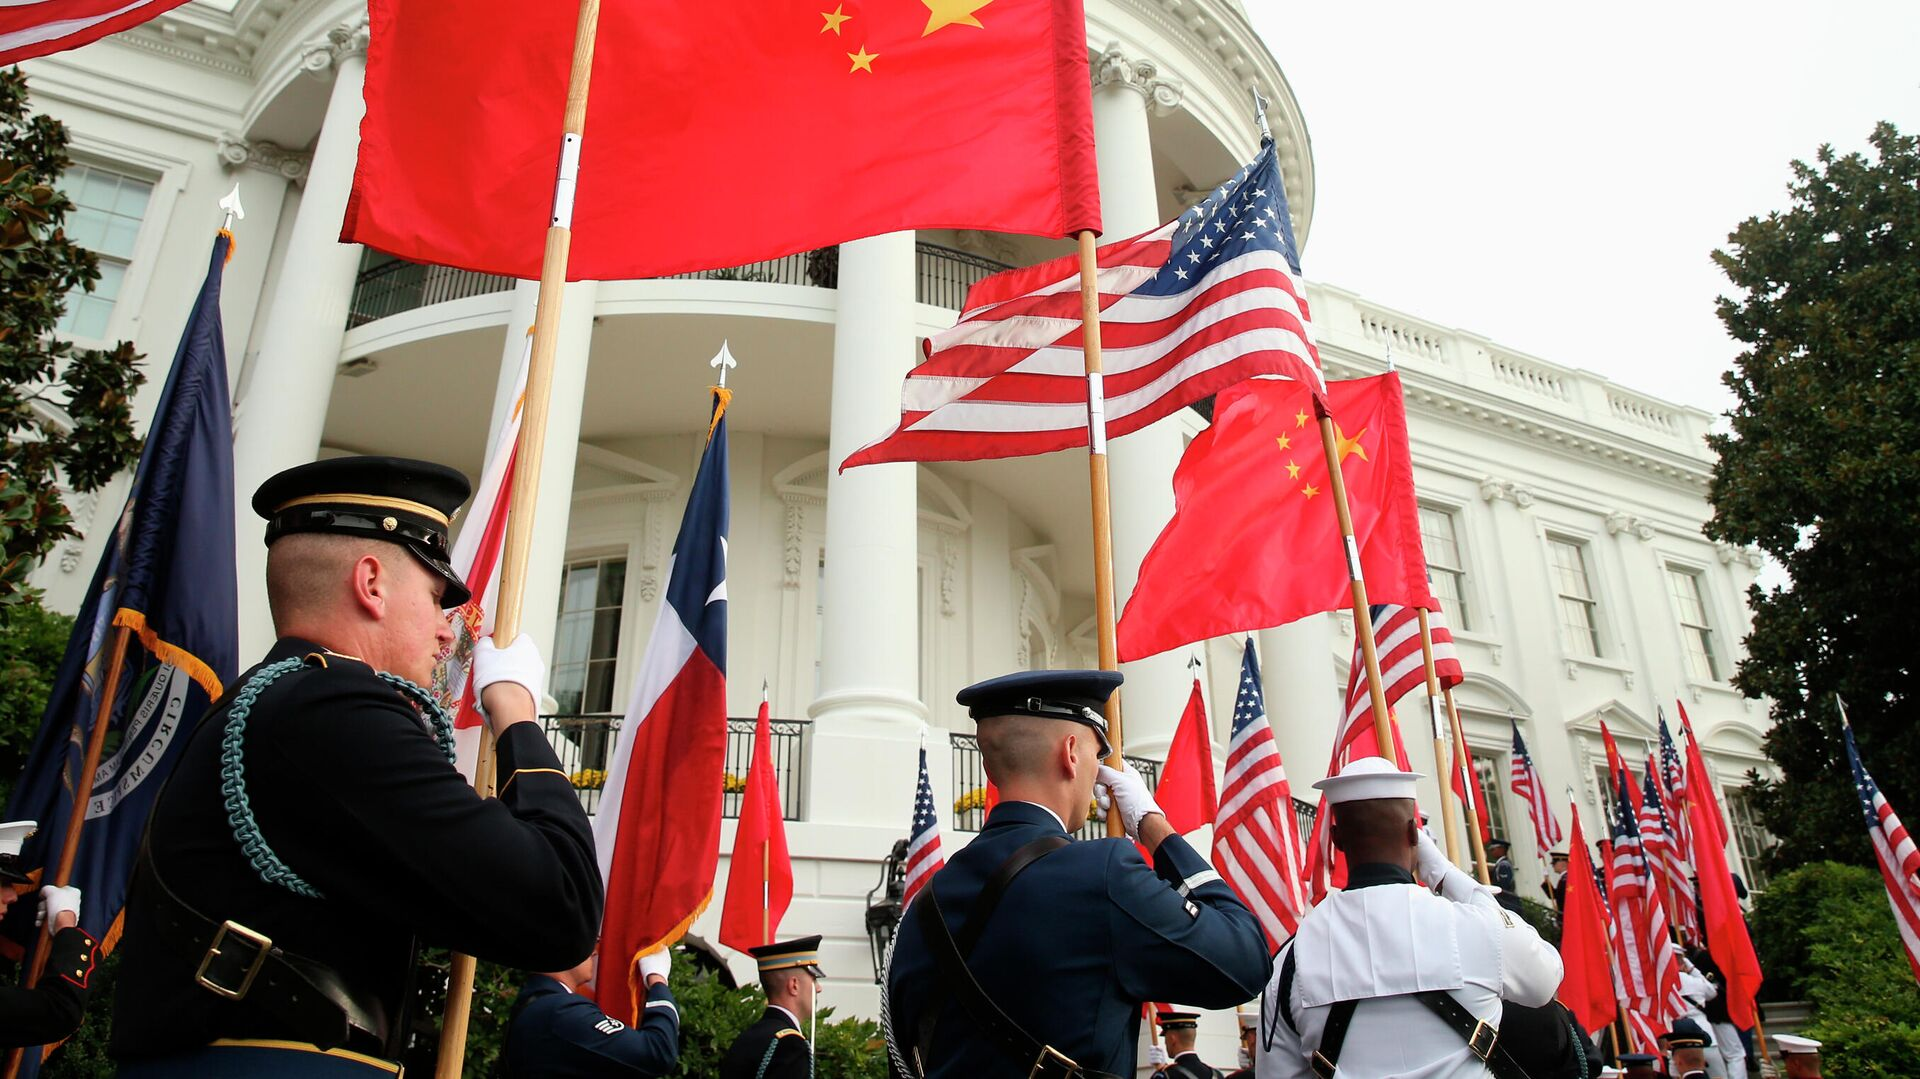 Военнослужащие США с флагами США и Китая на фоне Белого дома в Вашингтоне - РИА Новости, 1920, 22.02.2021